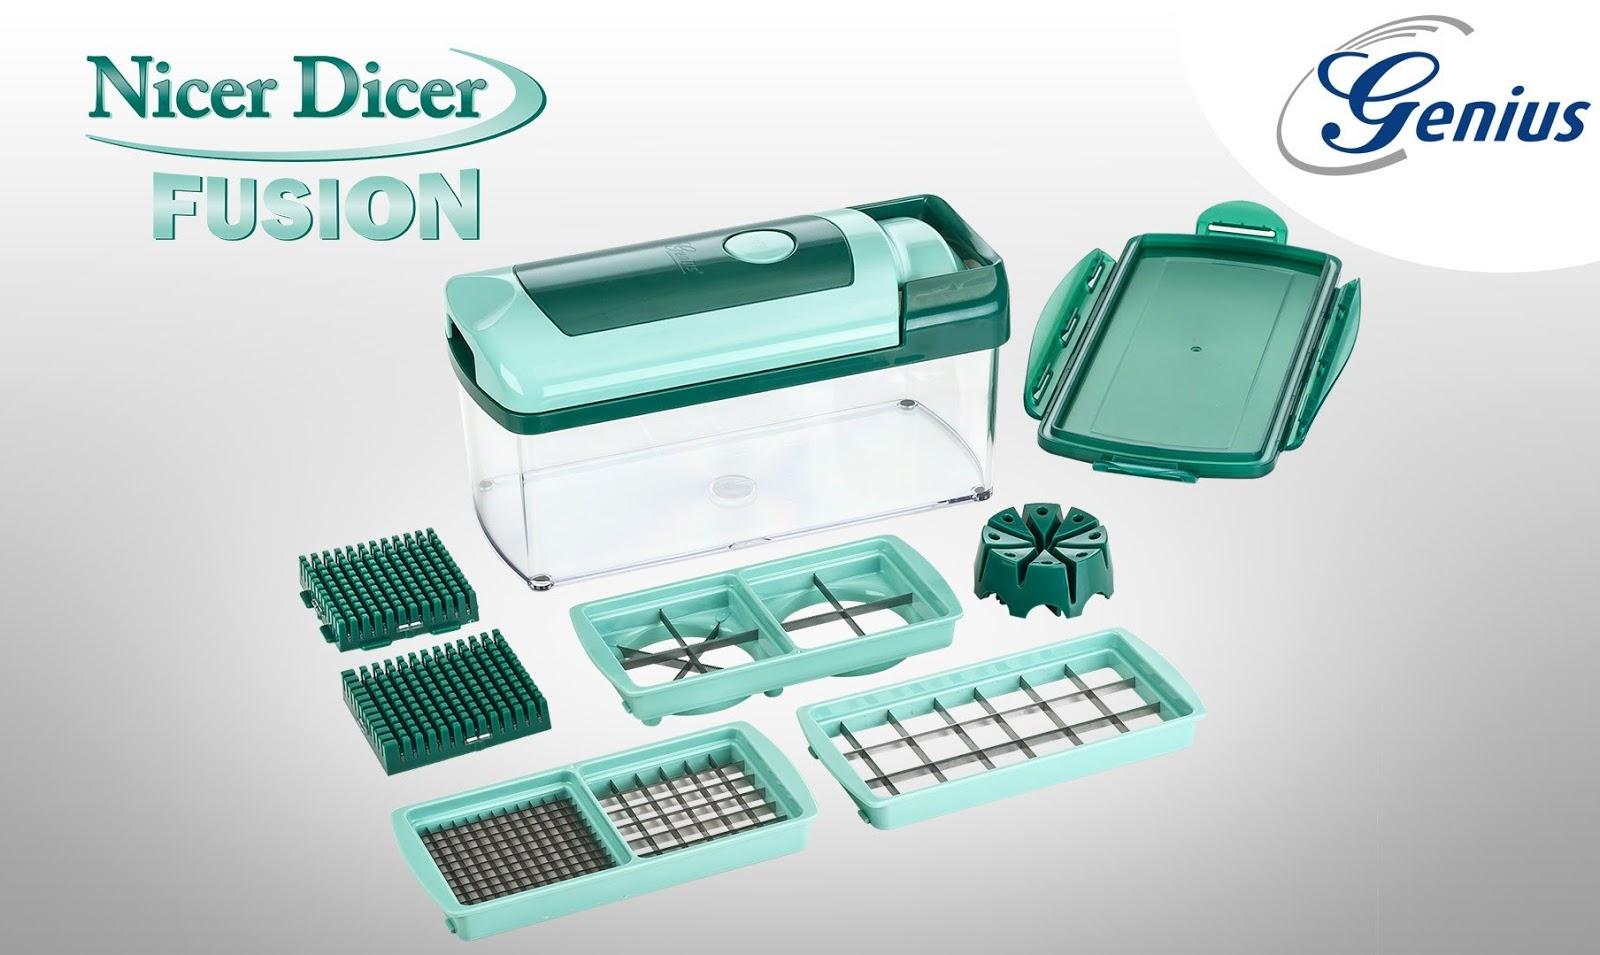 onlinesbuys nicer dicer fusion chopper slicer. Black Bedroom Furniture Sets. Home Design Ideas